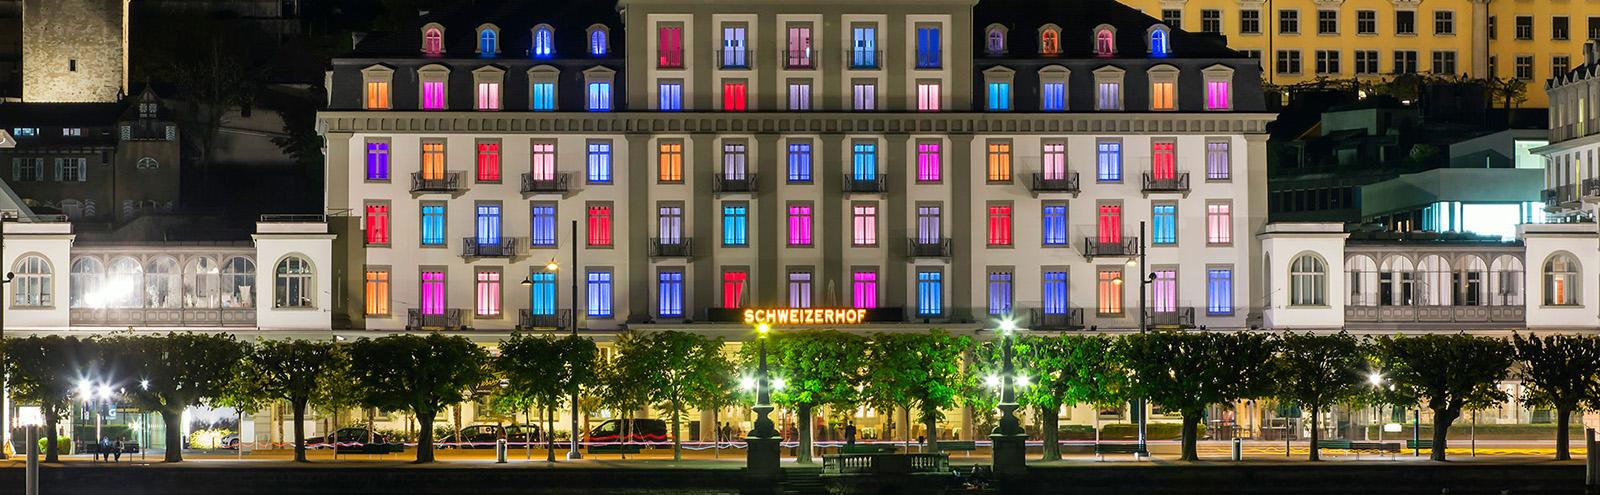 坐拥雪山湖畔-Schweizerhof Luzern 卢塞恩瑞士迎宾馆